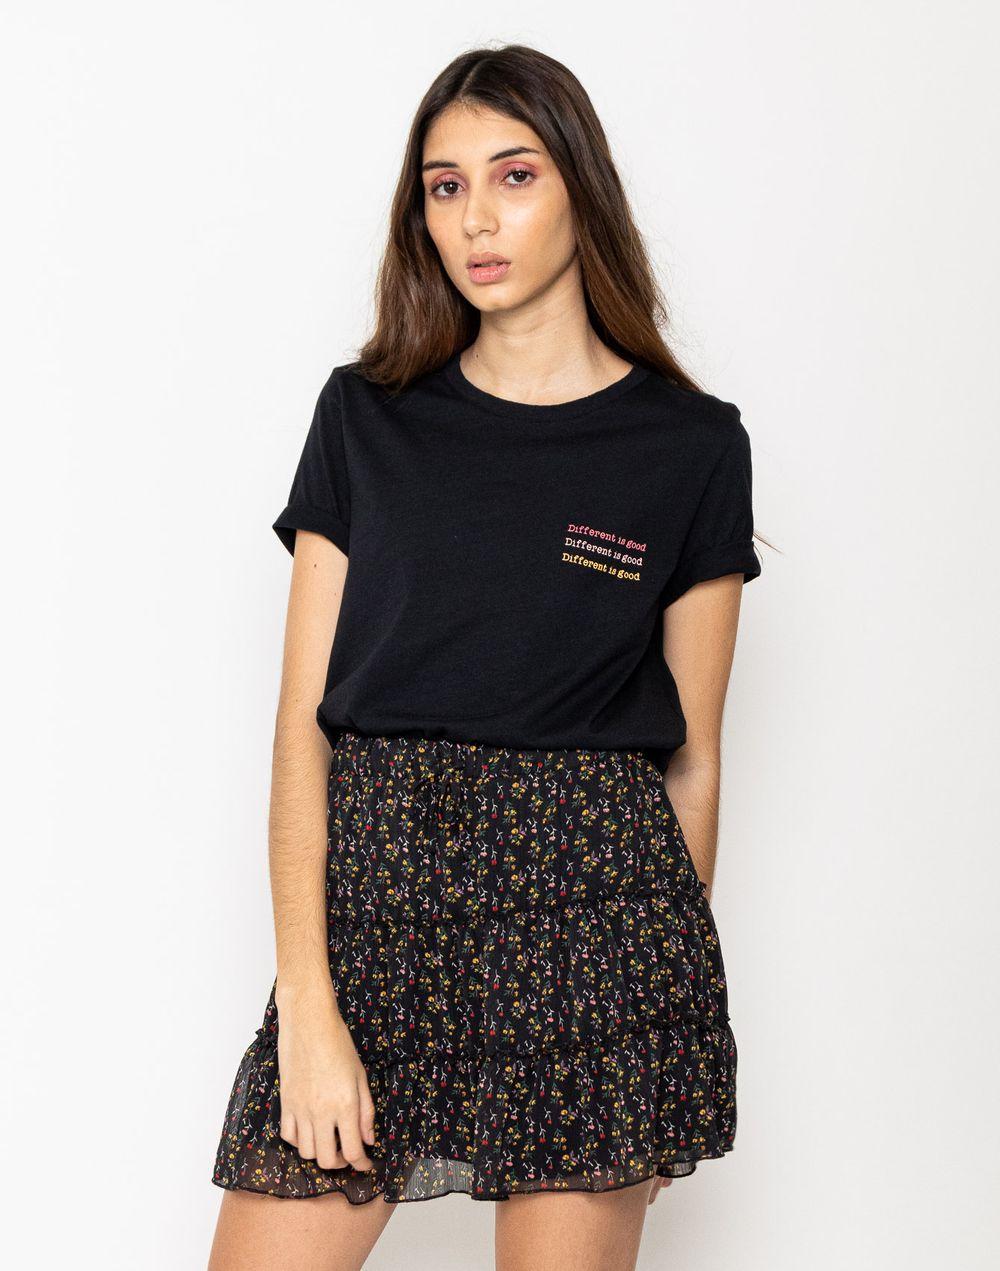 camiseta-180330-negro-1.jpg